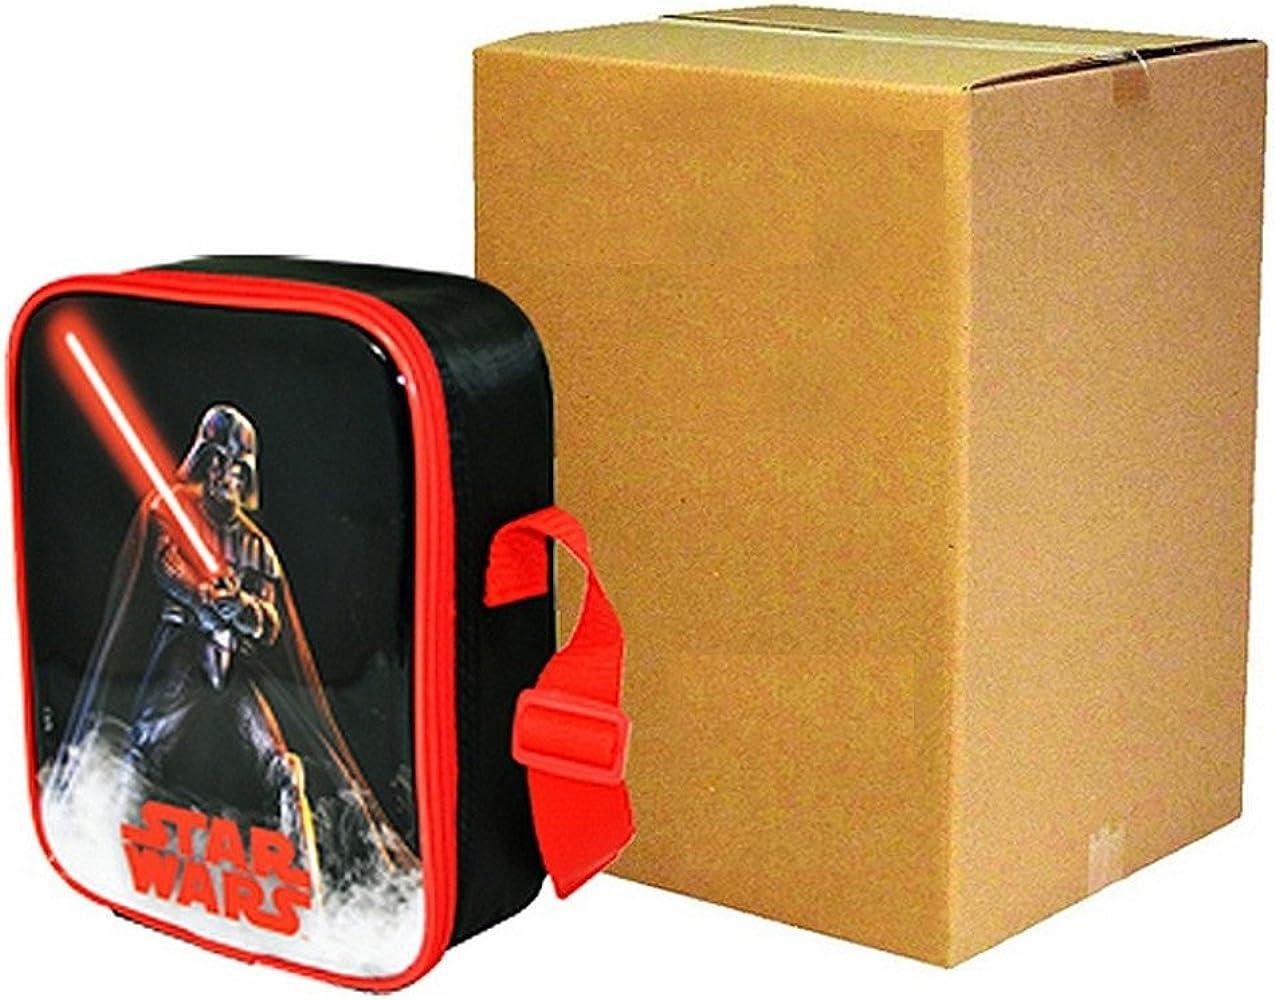 Star Wars - Pack de 3 fiambreras infantiles (Talla Única/Negro/Rojo): Amazon.es: Ropa y accesorios